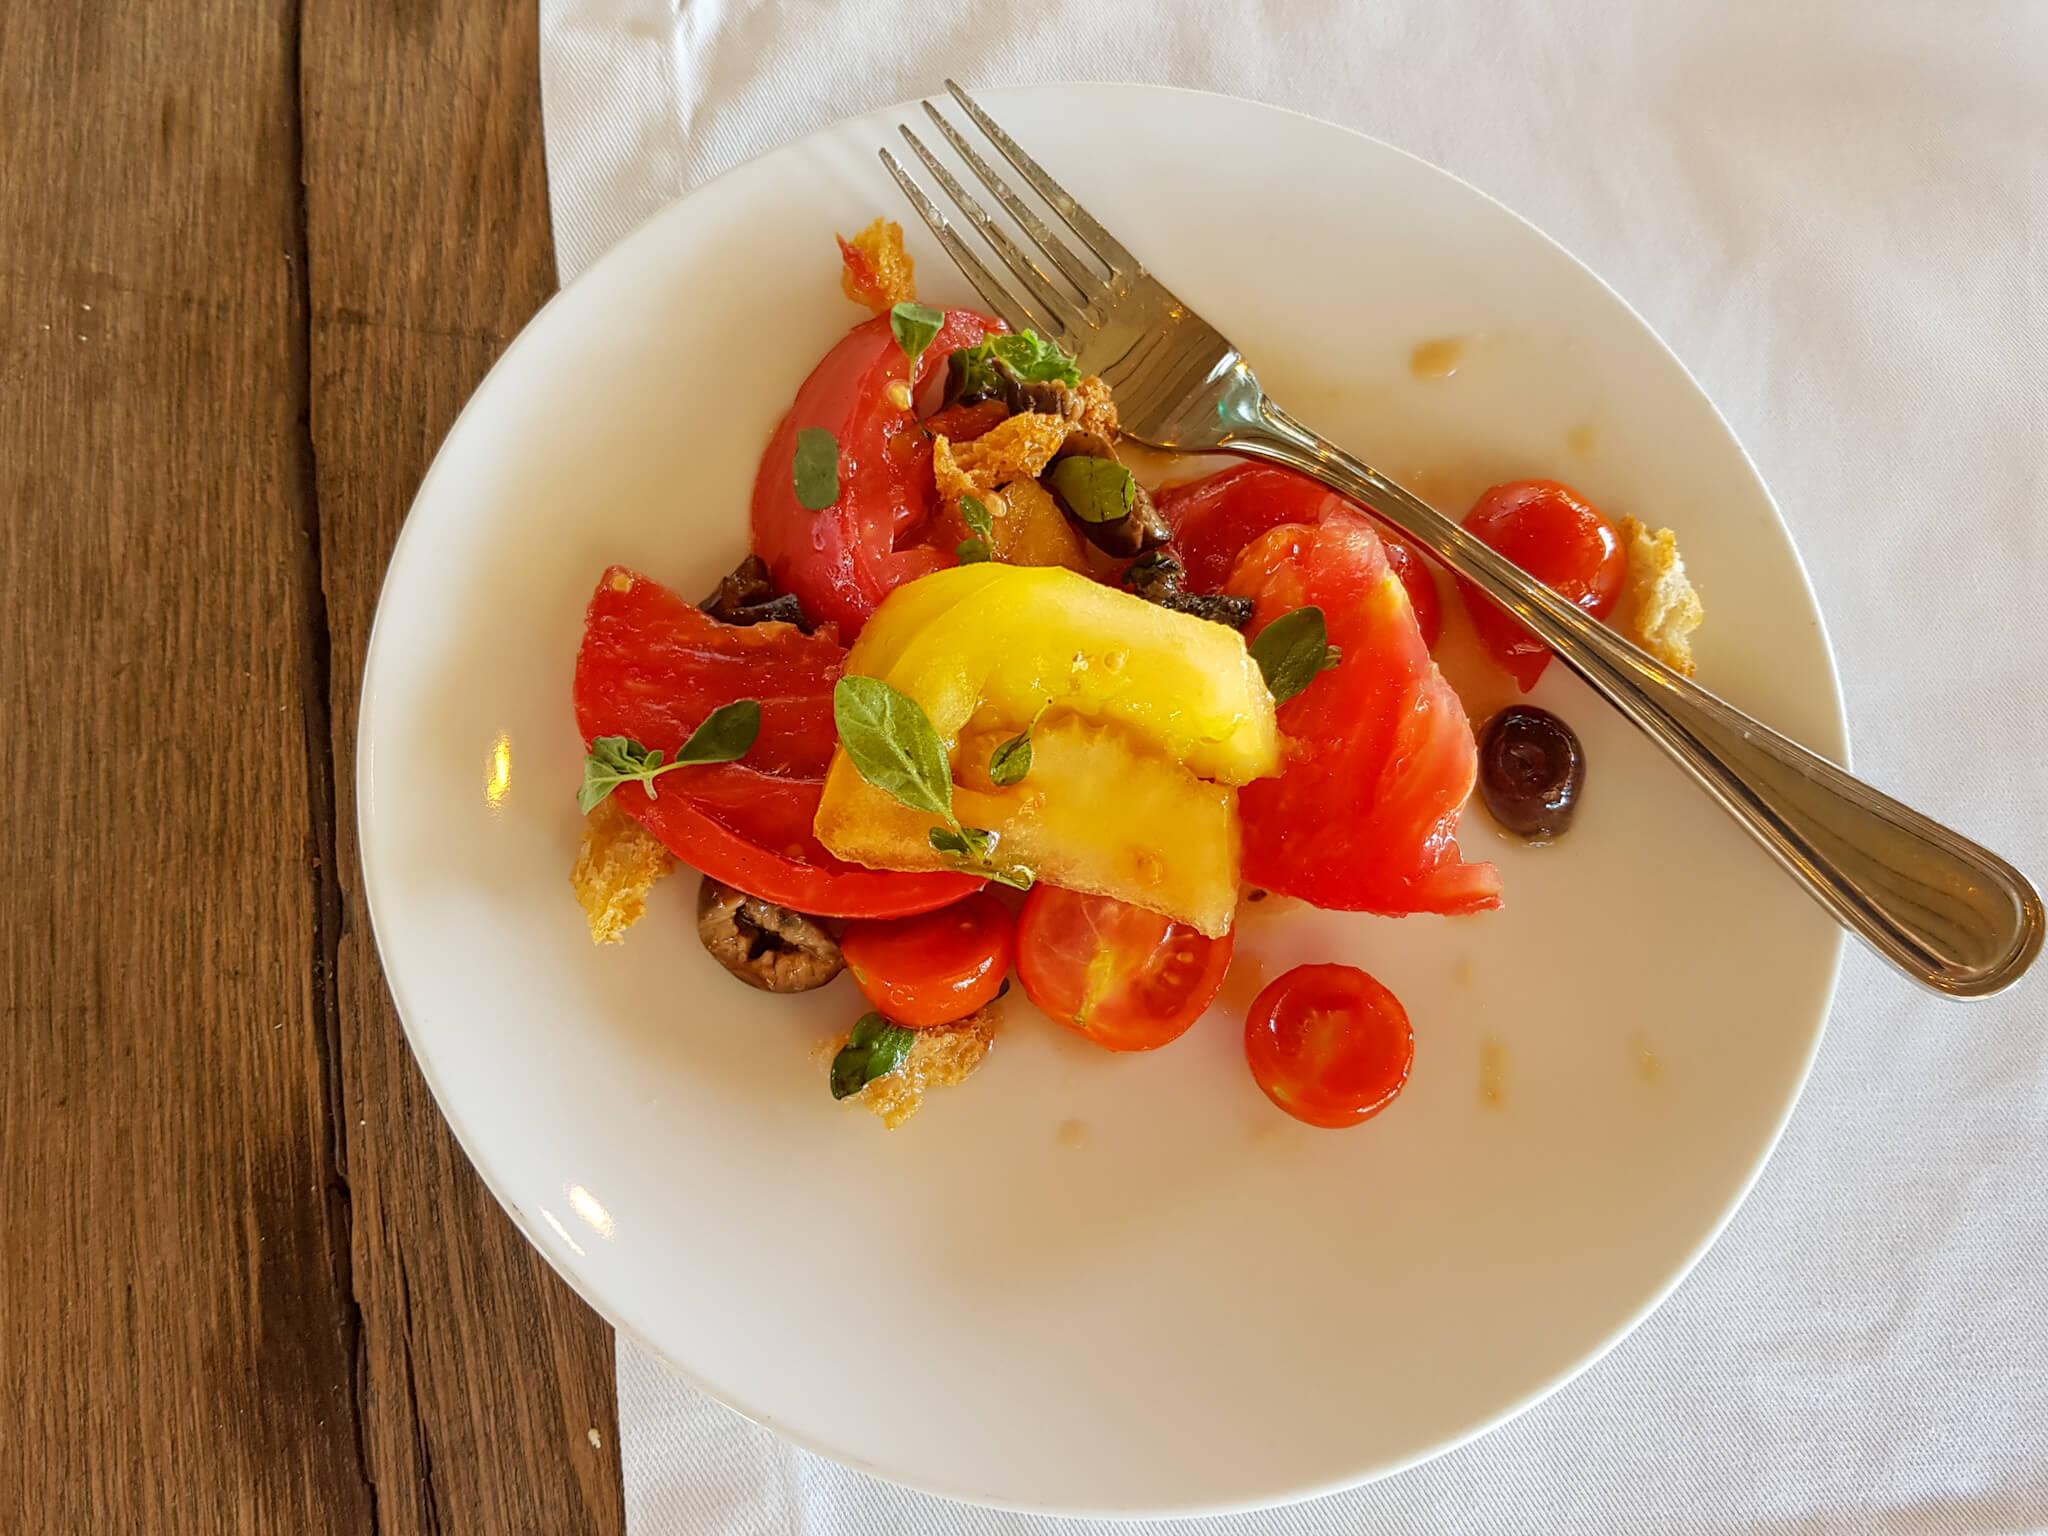 Fuegos de Apalta menu - tomatoes